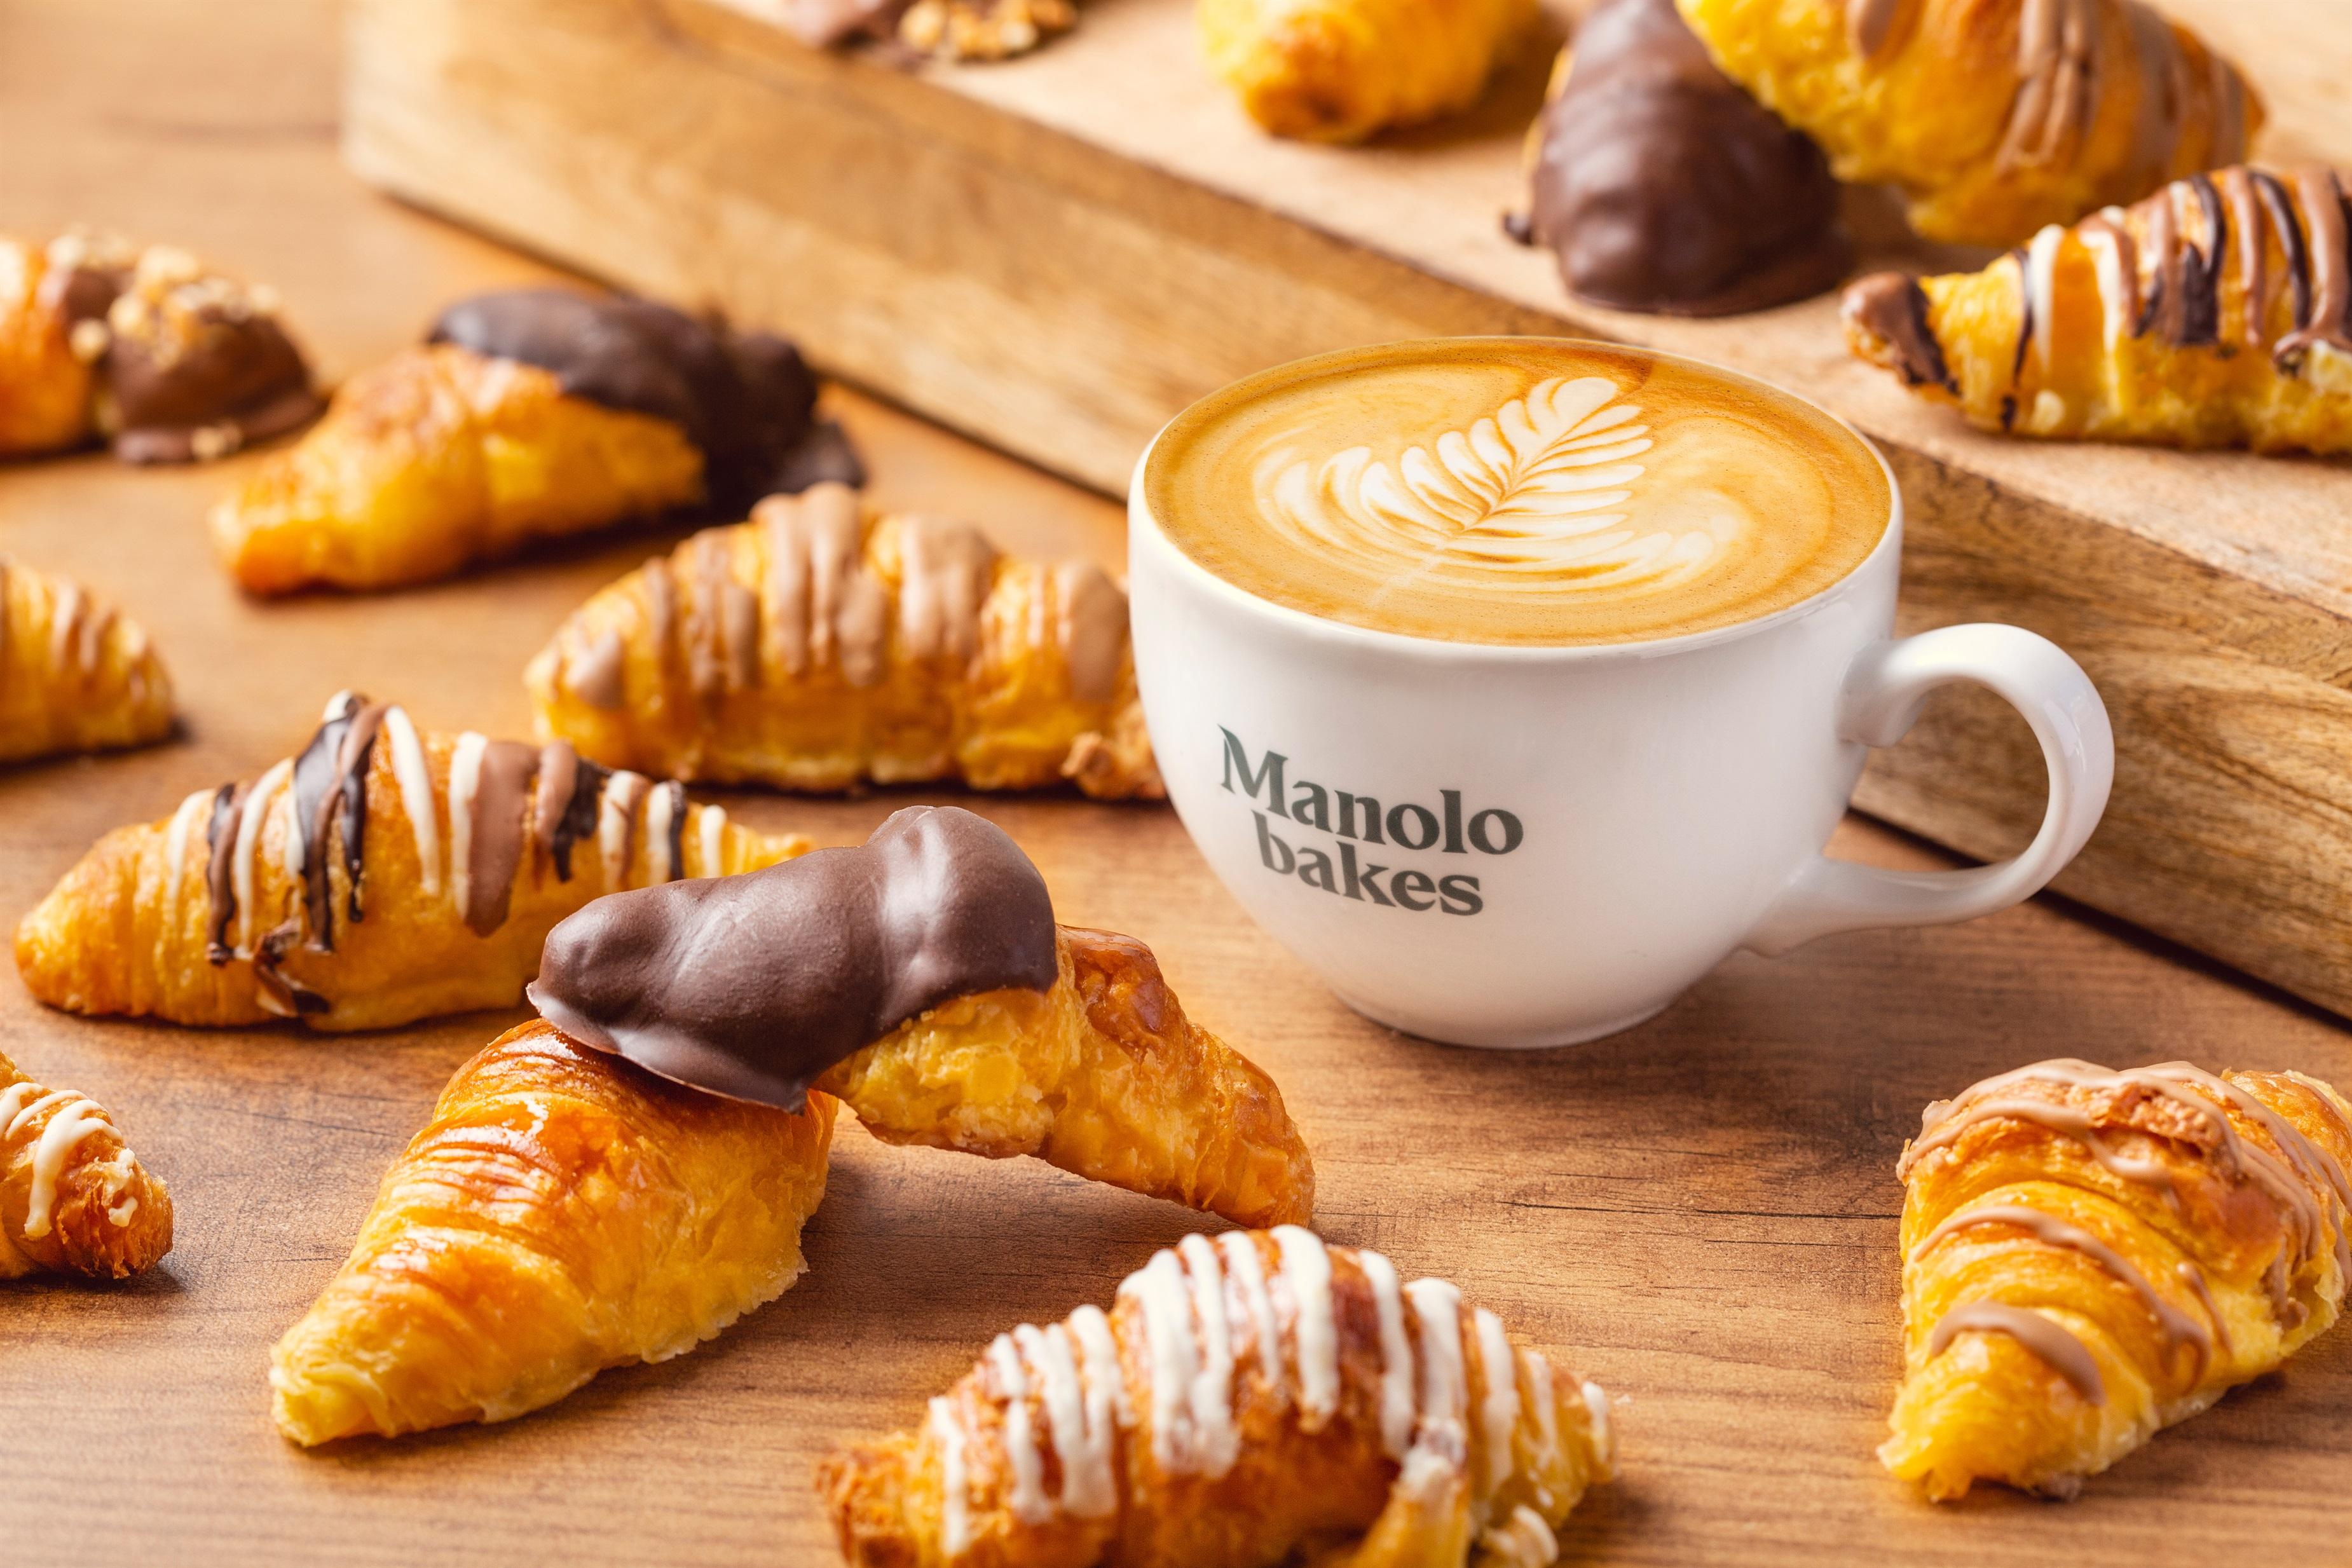 Manolitos y café de Manolo Bakes